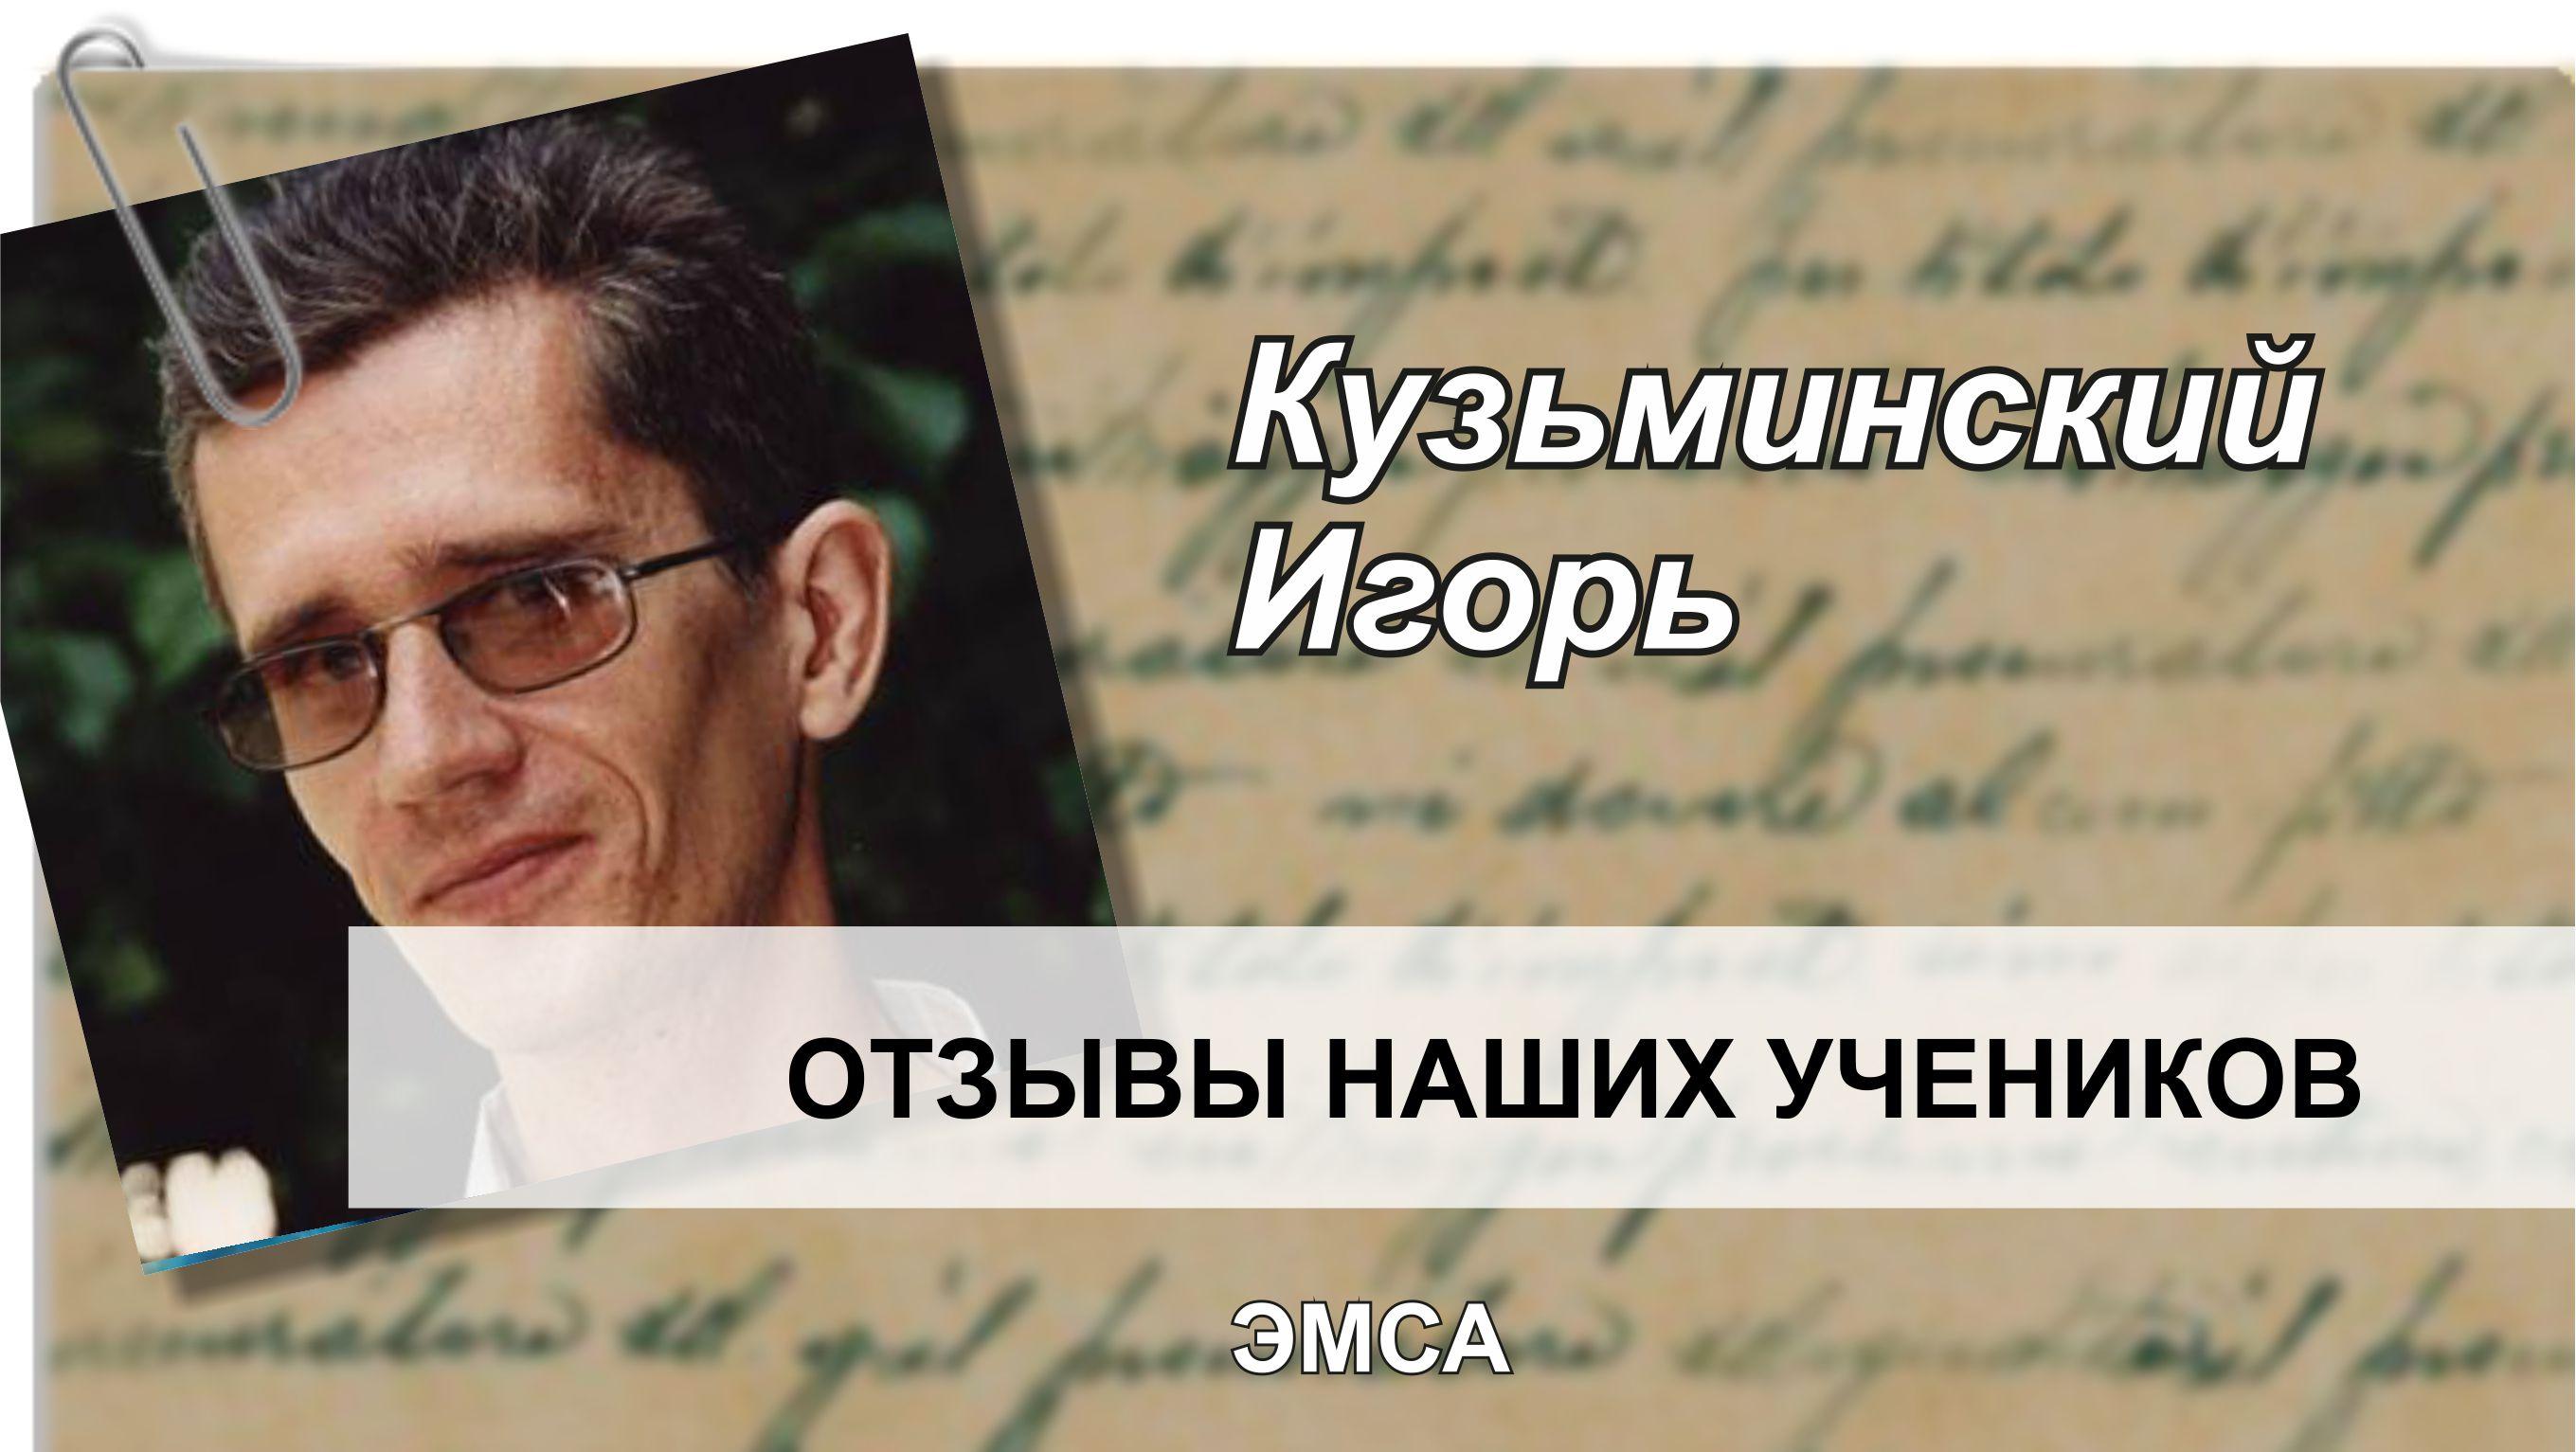 Кузьминский Игорь отзыв ЭМСА